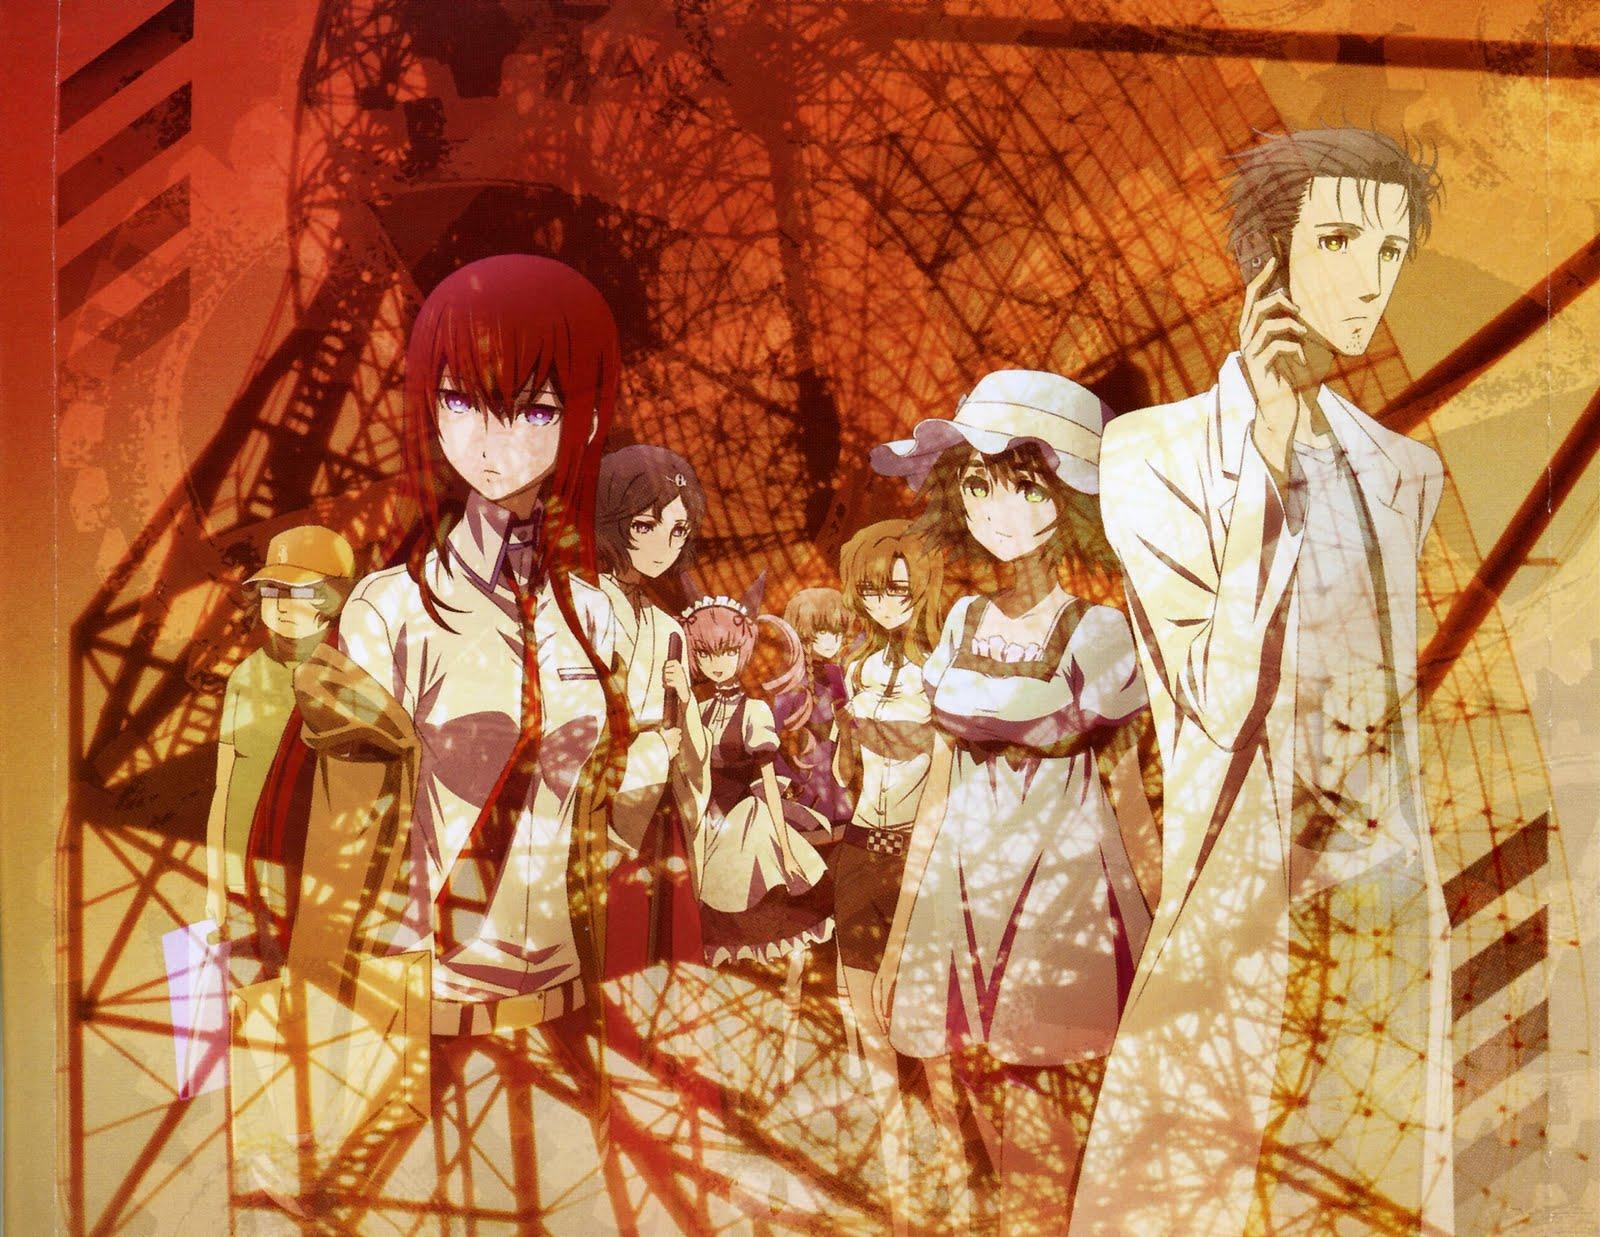 Watch Steins Gate episode 23 online | Watch Anime Online ...